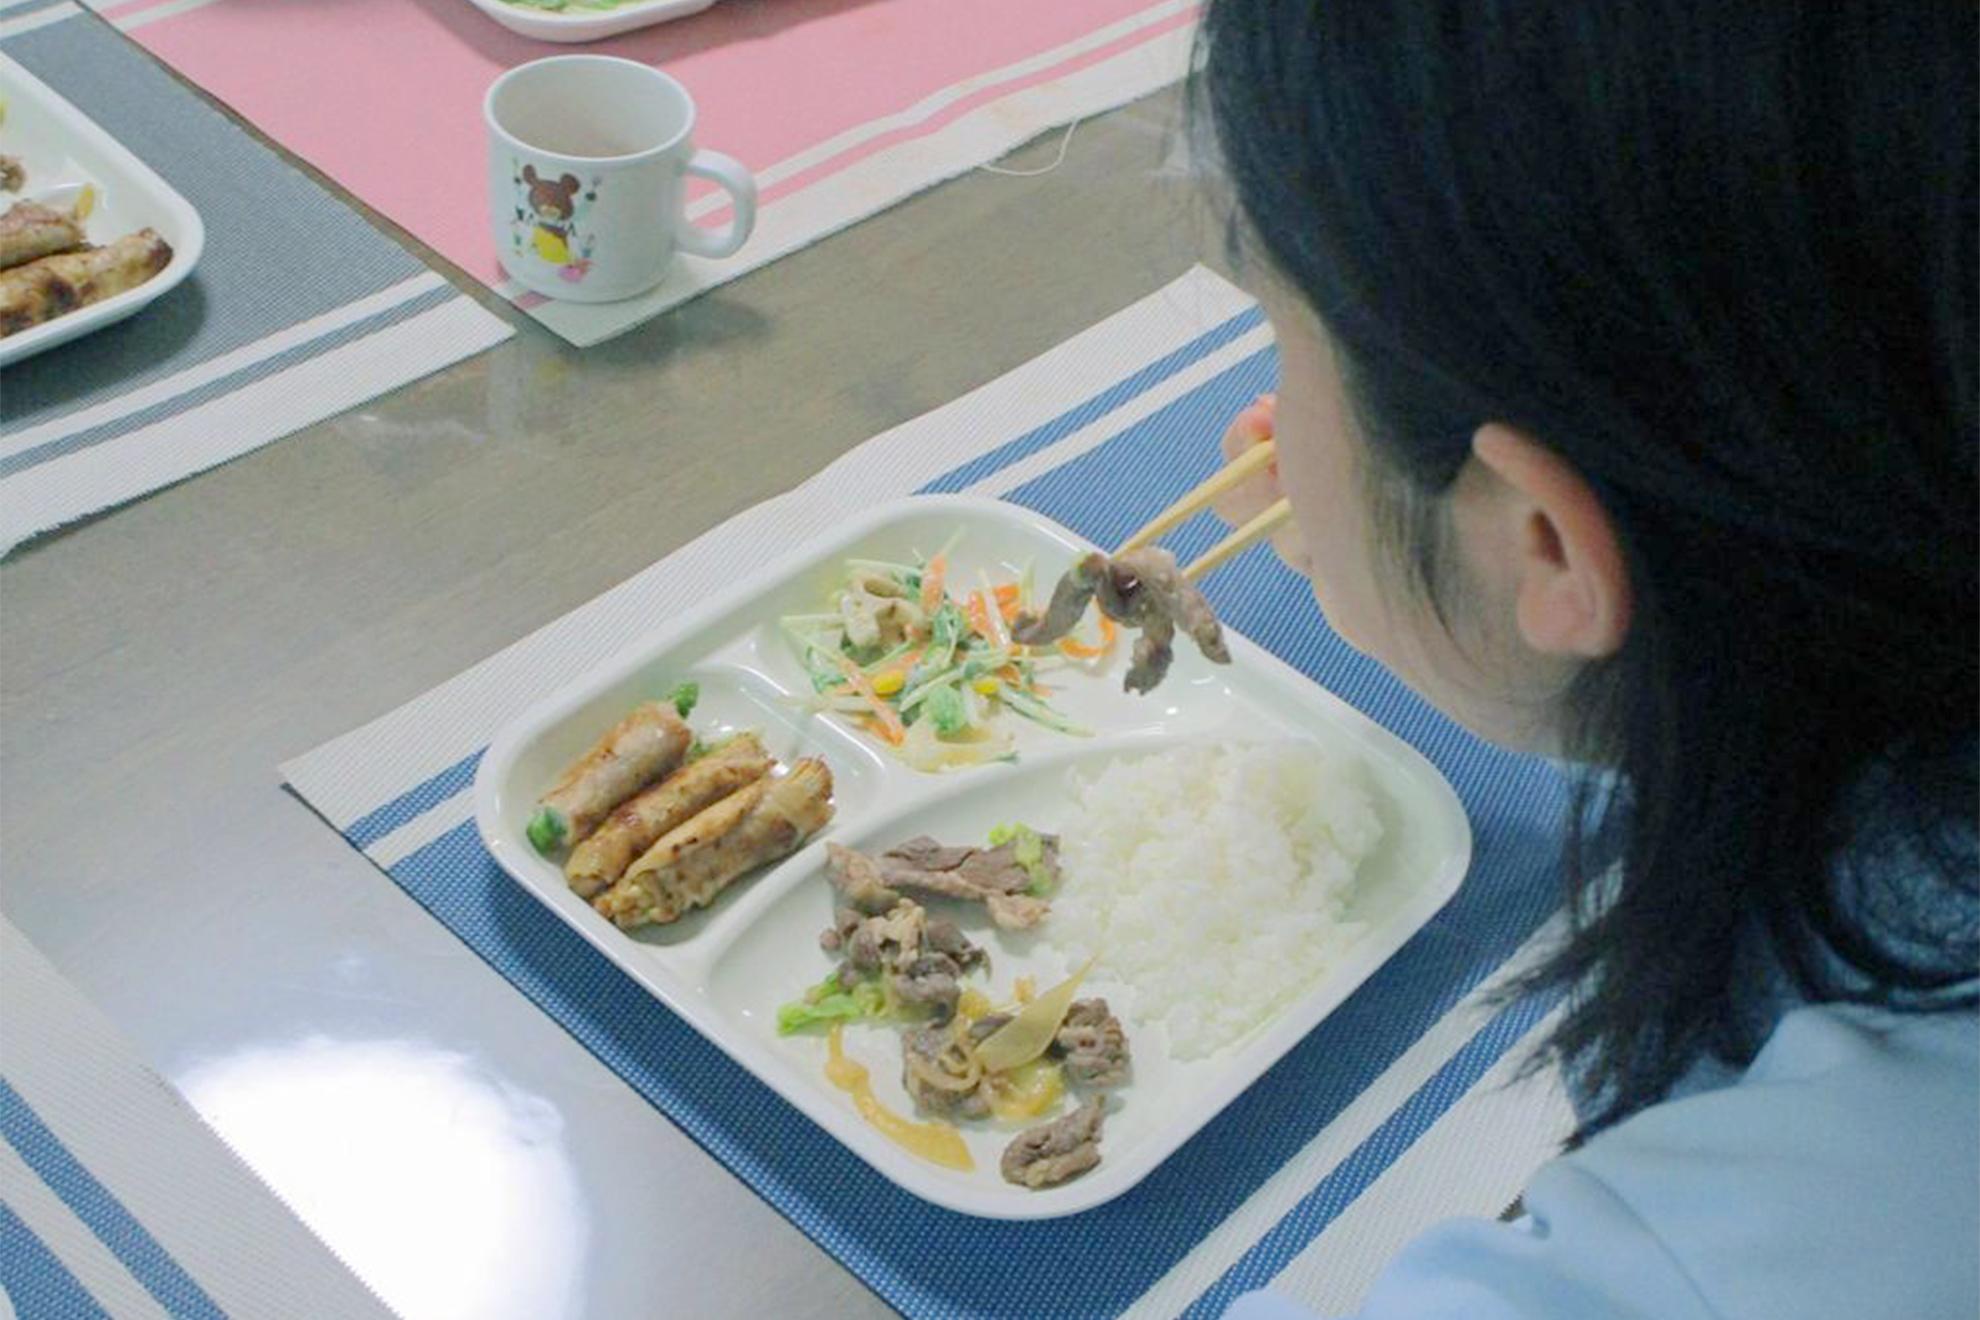 ラム肉を食べる子供